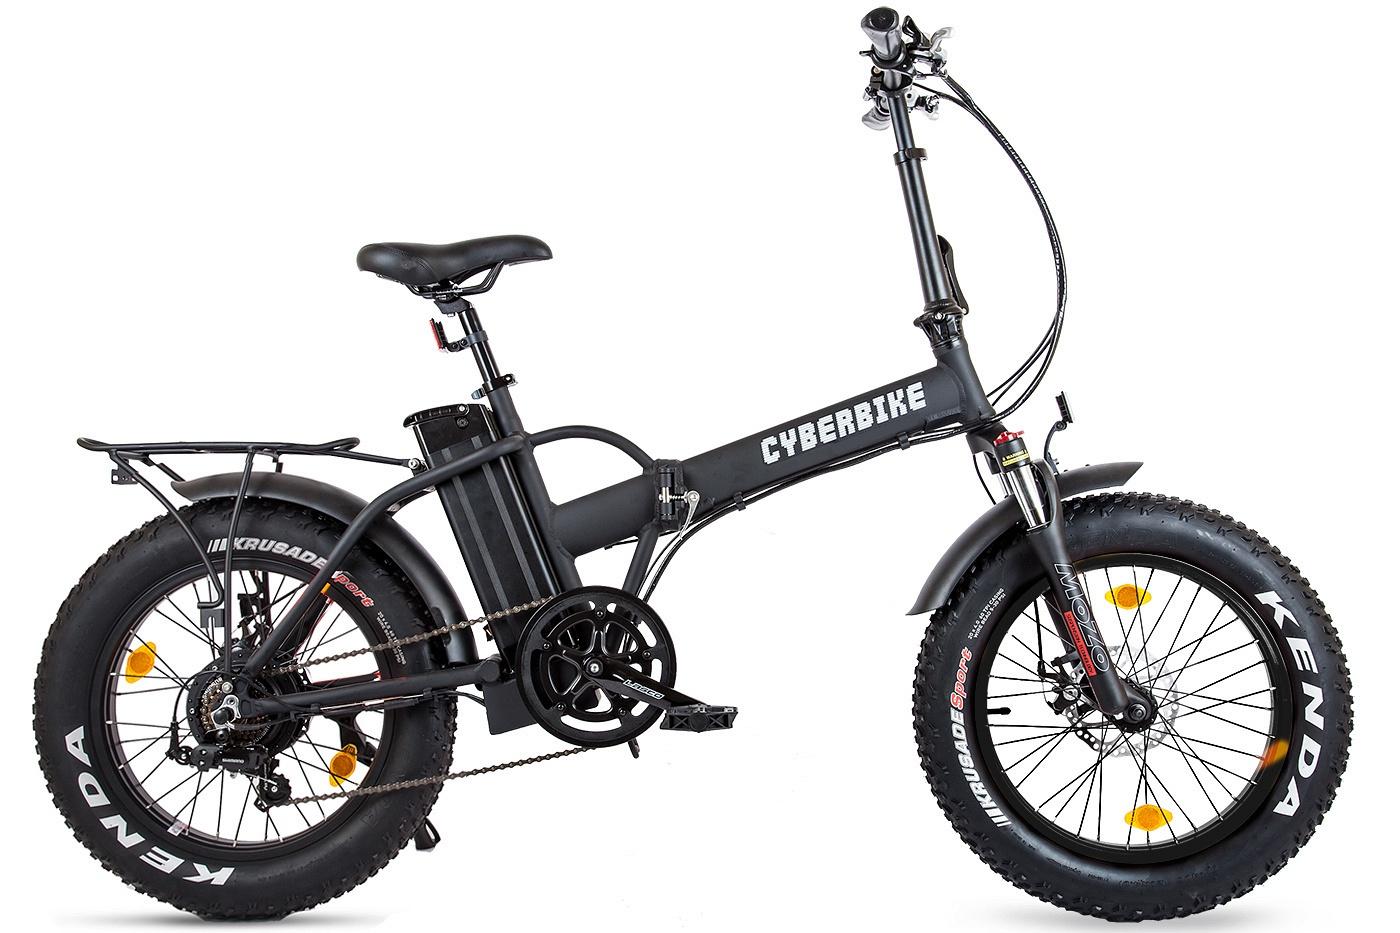 """Электровелосипед Cyberbike Fat 500W019282Складной руль с множеством регулировок, складная рама и педали, ручка для переноски - не смотря на брутальный и дерзкий внешний вид, практичность в конструкции этого велогибрида действительно возведена в культ.7 скоростная система переключения скоростей SHIMANO TOURNEY позволит комфортно использовать велогибрид в режиме велосипеда, а за его остановку отвечают дисковые тормоза от компании TECTRO.И, конечно, нельзя не сказать о главной особенности Cyberbike Fat 500W – передней амортизационной вилке с регулировкой жесткости. Все дорожная резина и полноразмерные алюминиевые крылья добавят проходимости на дорогах и комфорта для райдера. На легко съемный, но крепкий багажник можно установить сумки огромных размеров, поставить детское сидение или закрепить груз.Мощность двигателя 500WТип передачи цепнаяТип рамы складнаяАккумулятор 36V 13AH SAMSUNG lithium batteryМаксимальная скорость 30 км/чПробег 45-60 кмВес нетто 28 кгРазмер колеса 20"""" x4.0Нагрузка 110 кг.Привод заднийПодвеска передняя с амортизацией- Мощный мотор Bafang 500W- Ёмкий аккумулятор напряжением 36V и ёмкостью 13 Ампер-часов- Складная прочная рама- Толстые проходимые колёса 20""""- Богатая палитра расцветок - на любой вкус!"""